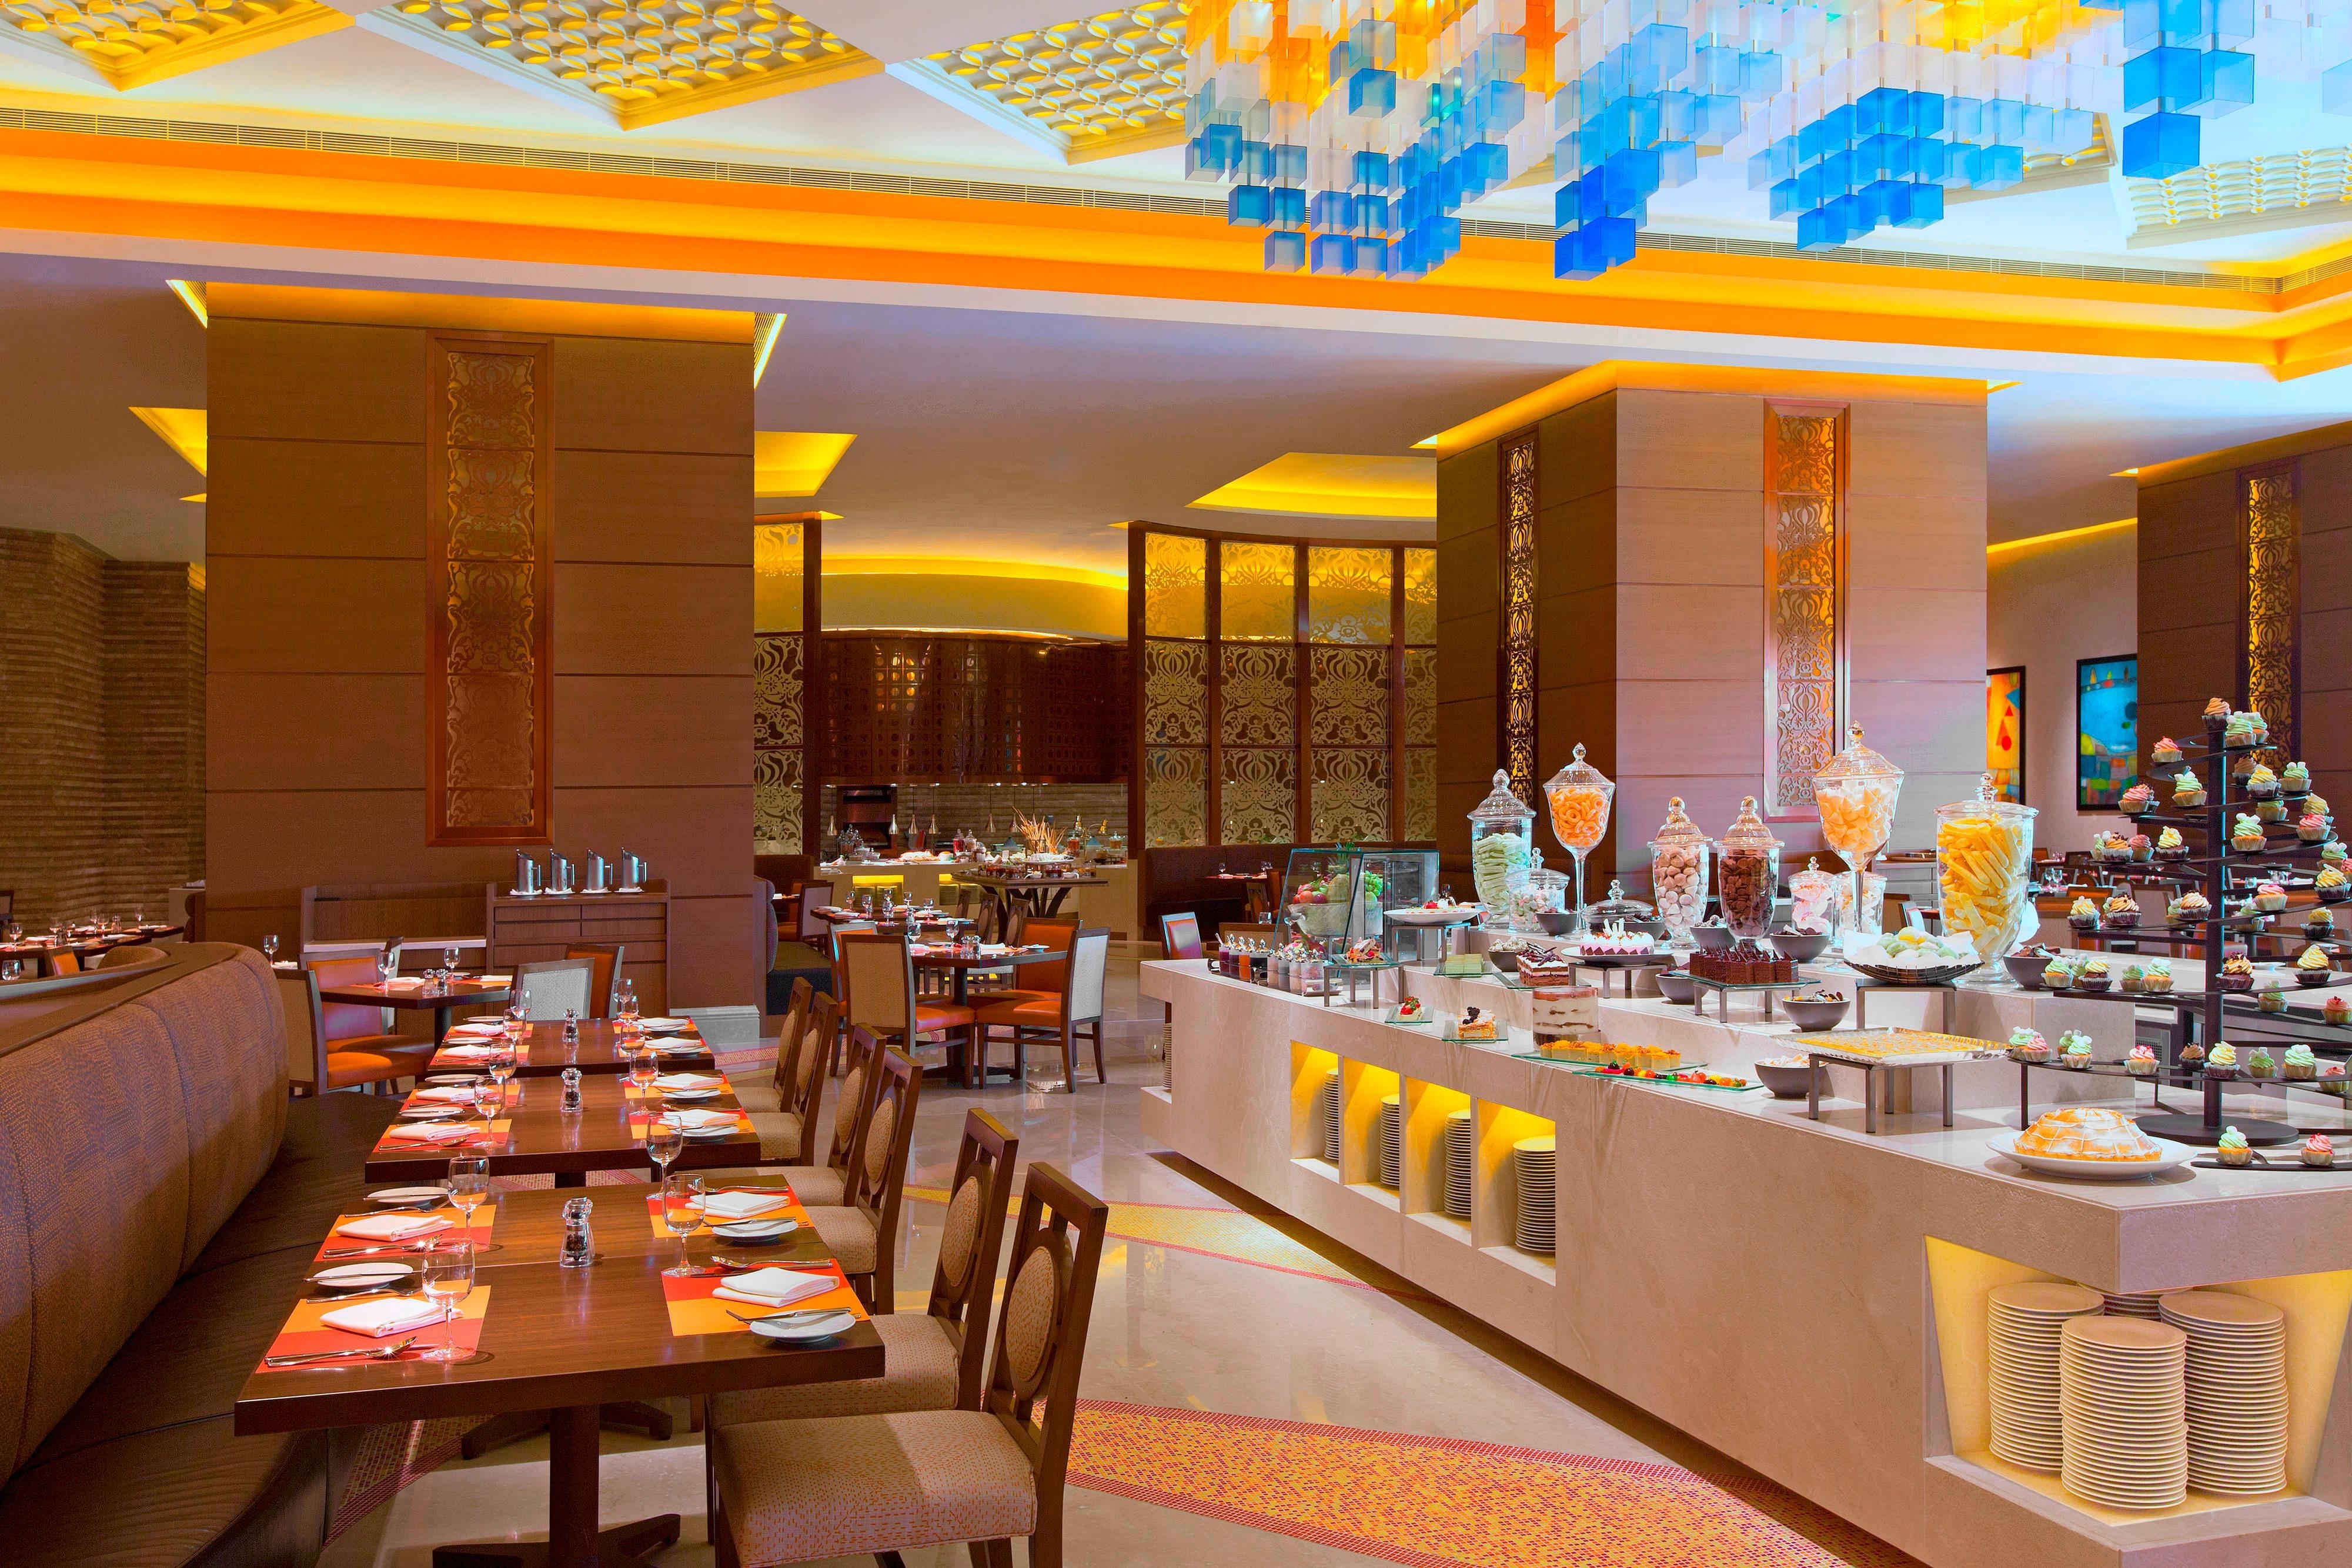 Feast Restaurant - International Flavors Buffet Restaurant